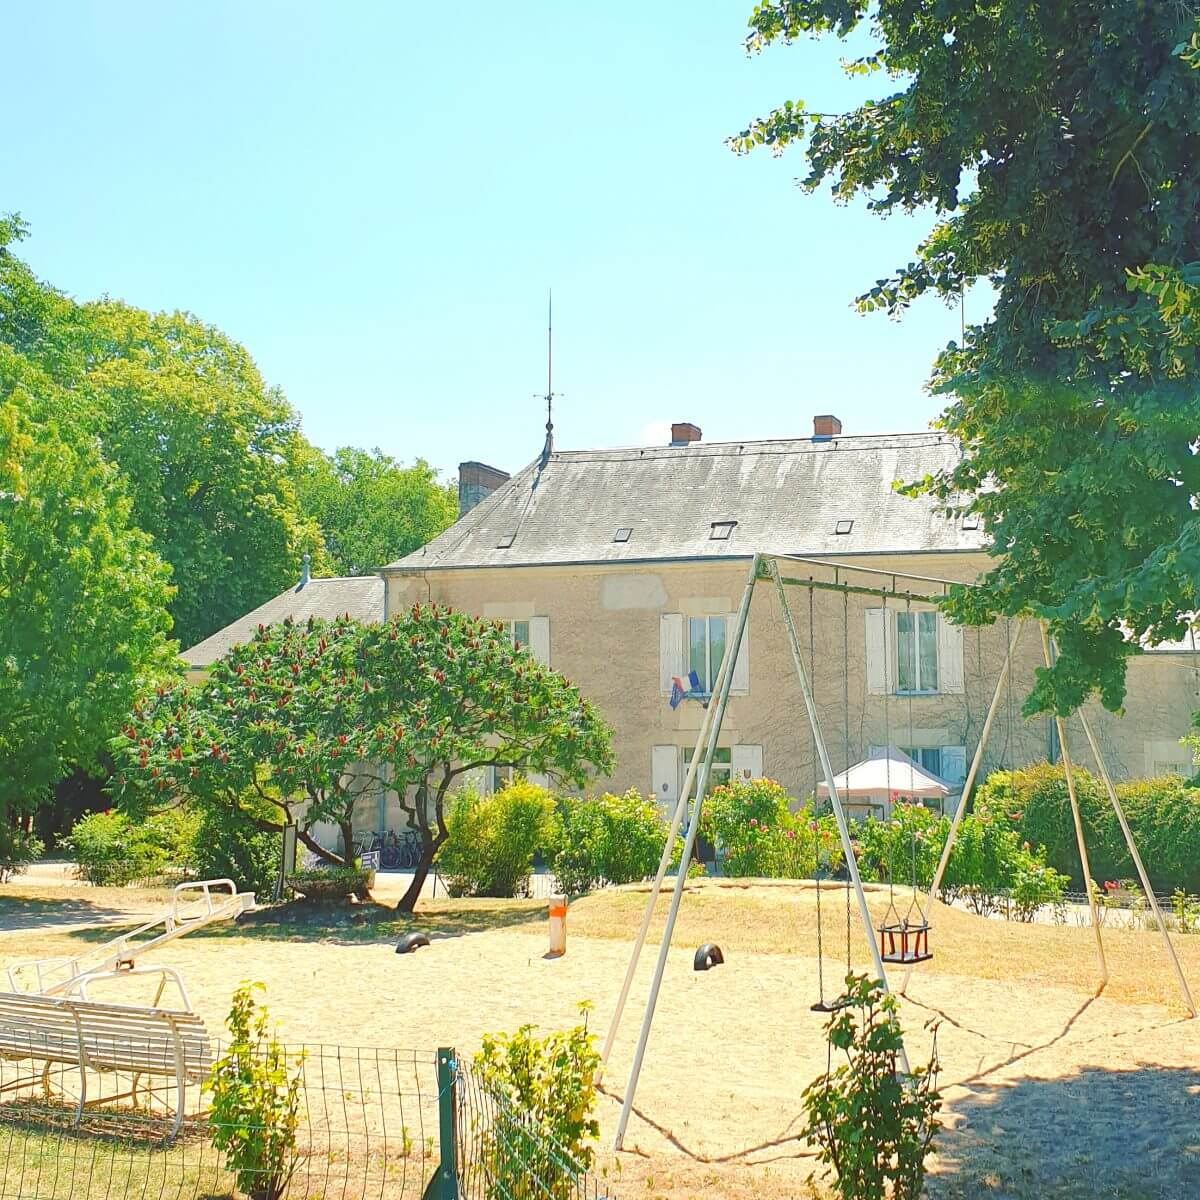 speeltuin bij receptie van kasteelcamping Le Petit Trianon de Saint Ustre in de Vienne in Frankrijk